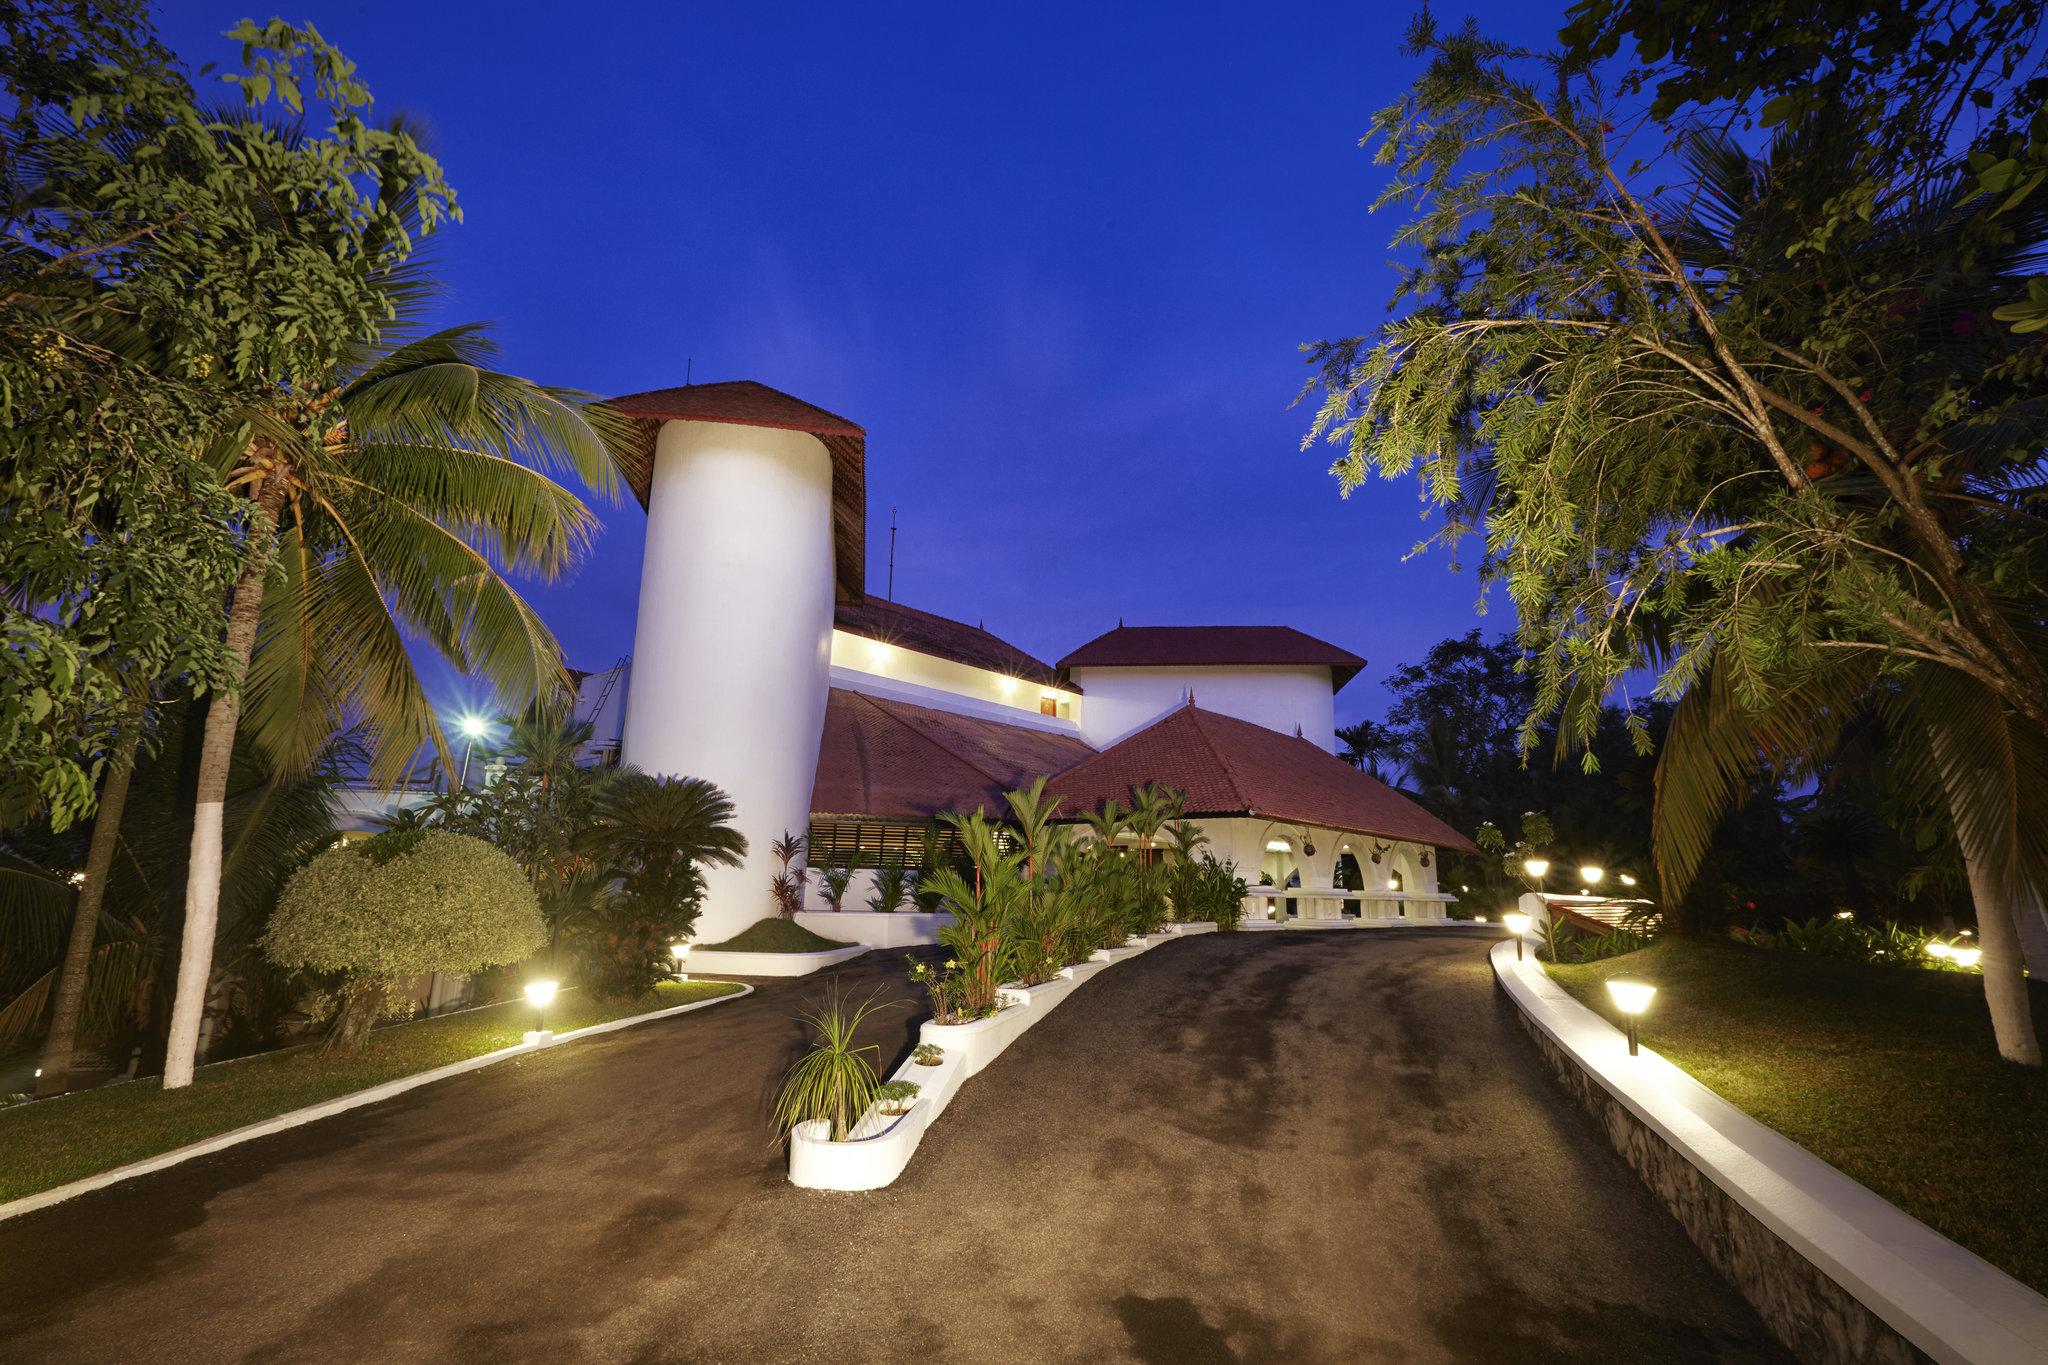 Gateway Hotel Janardhanapuram Varkala